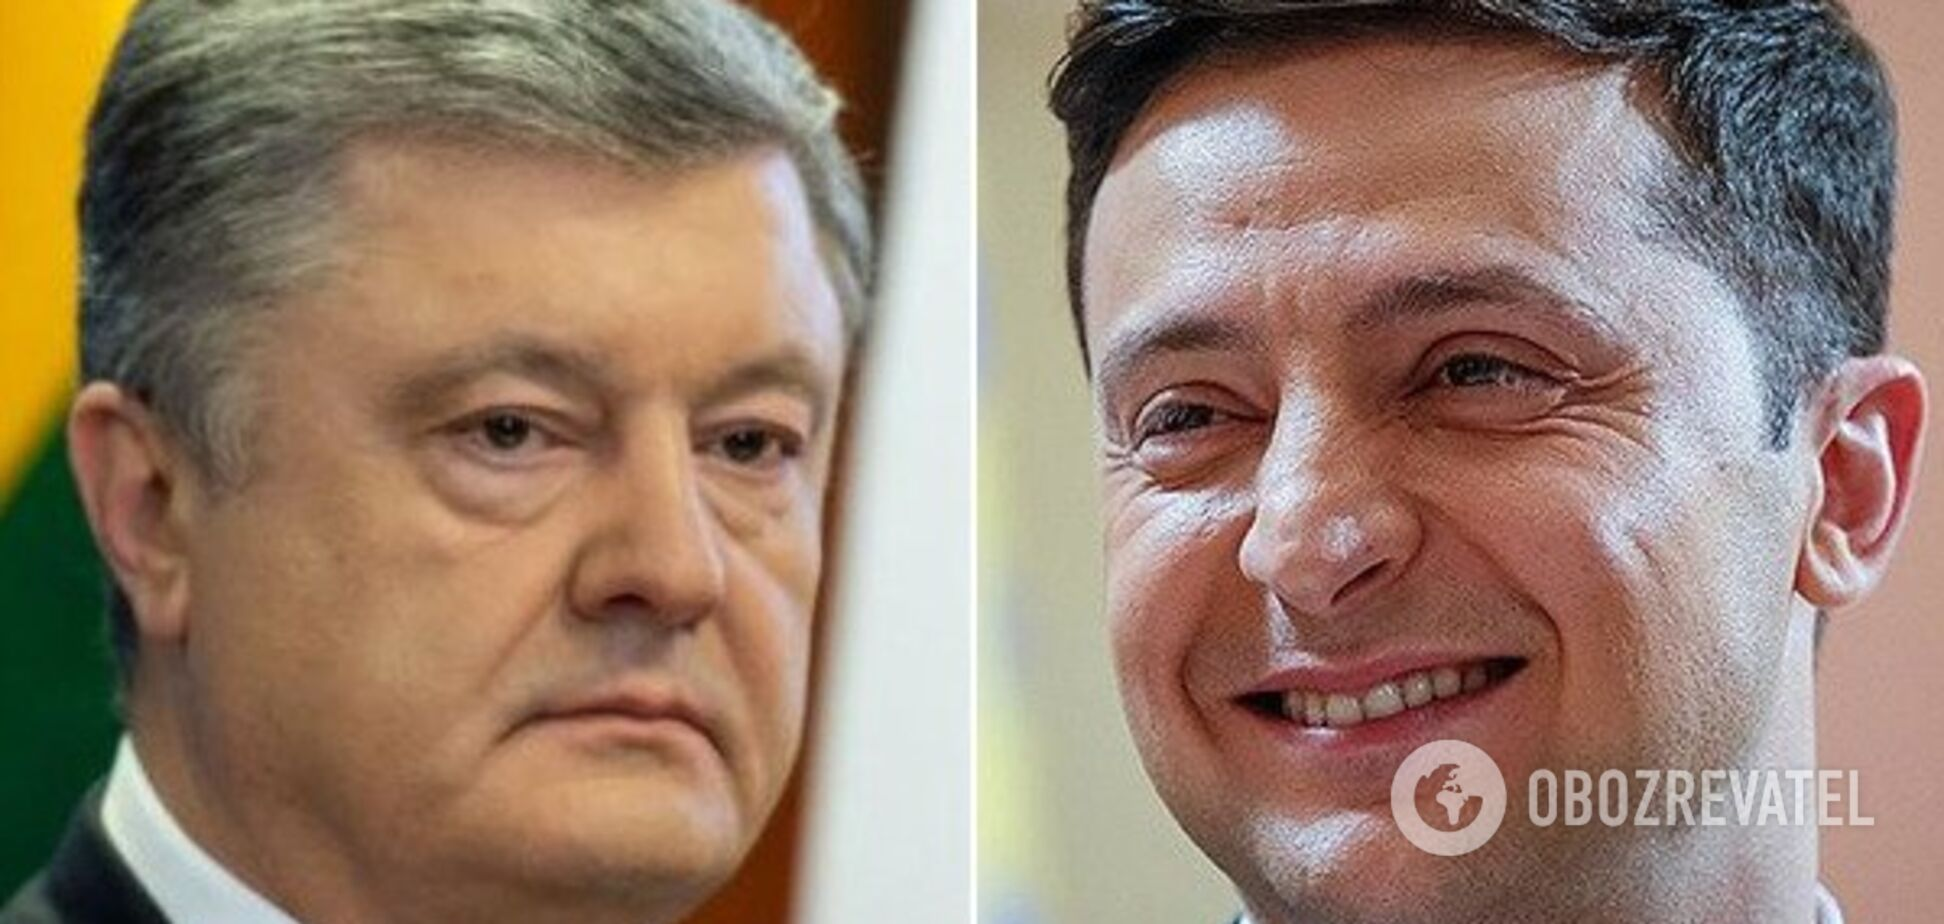 Порошенко vs Зеленський: з'явилися дані нового соцопитування перед виборами